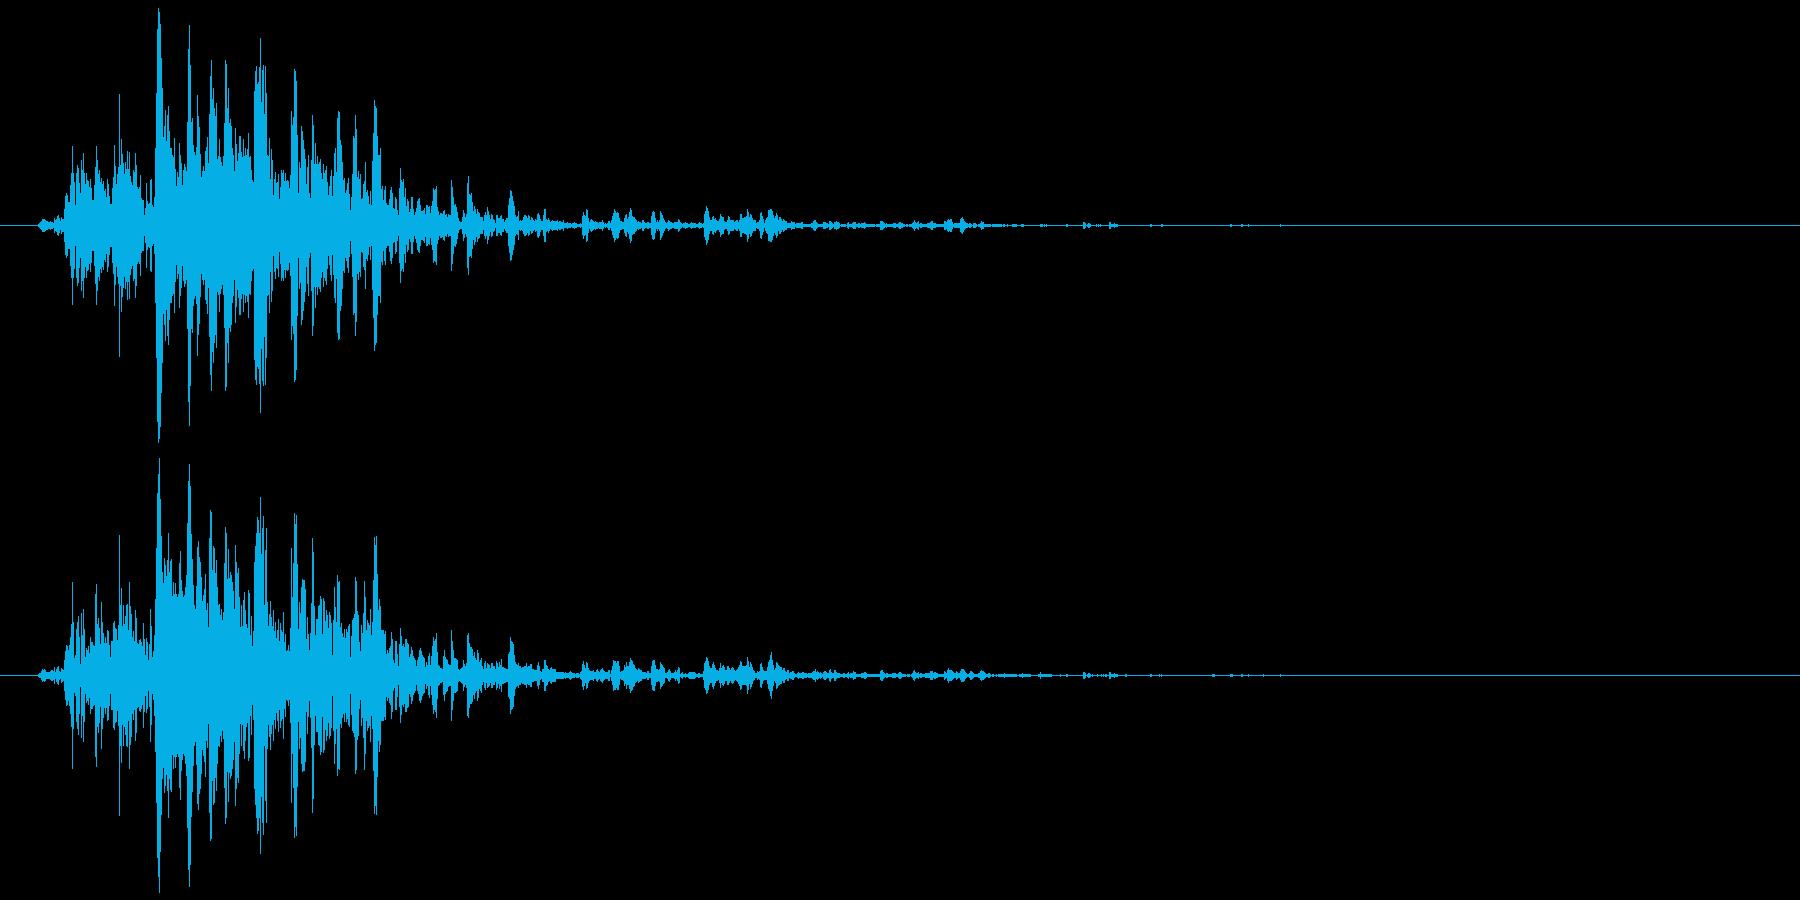 鈴の音 (高音)シャリッの再生済みの波形